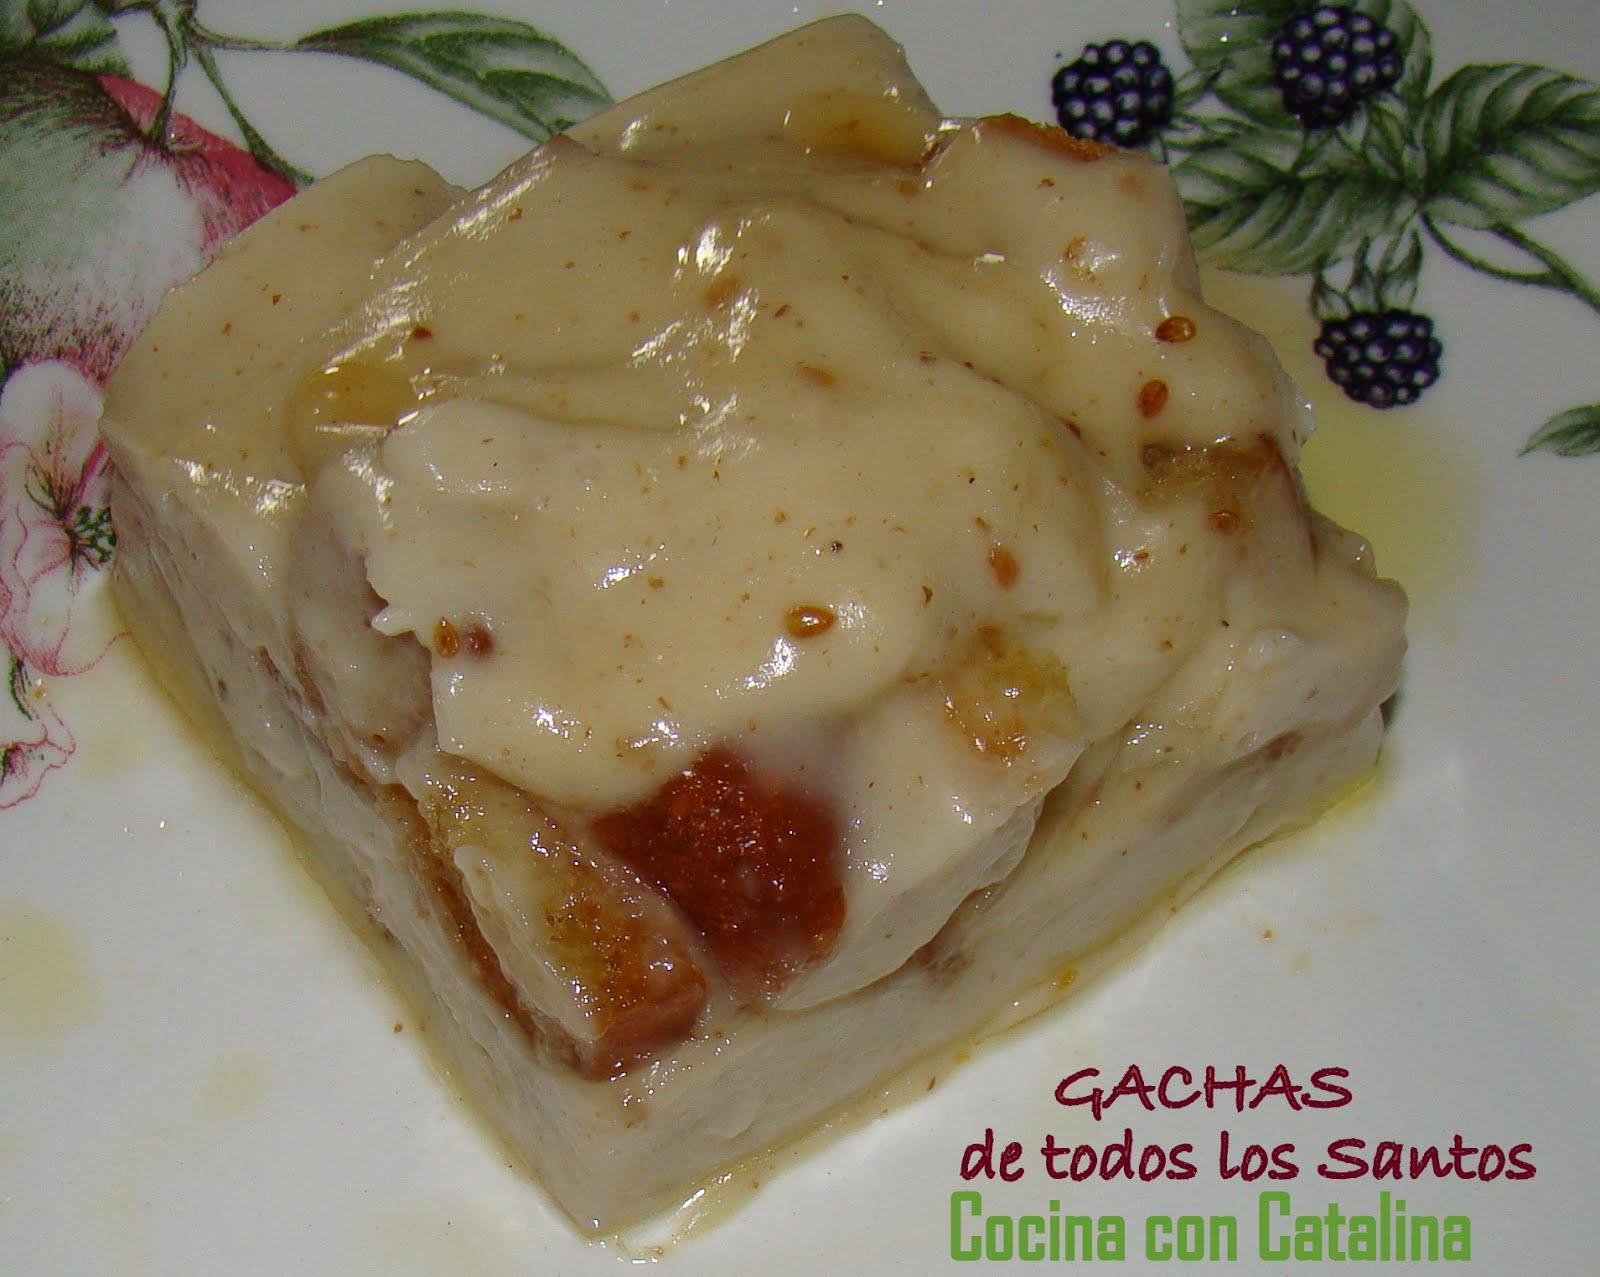 Cocina con catalina gachas del dia de todos los santos for Videos de cocina para todos